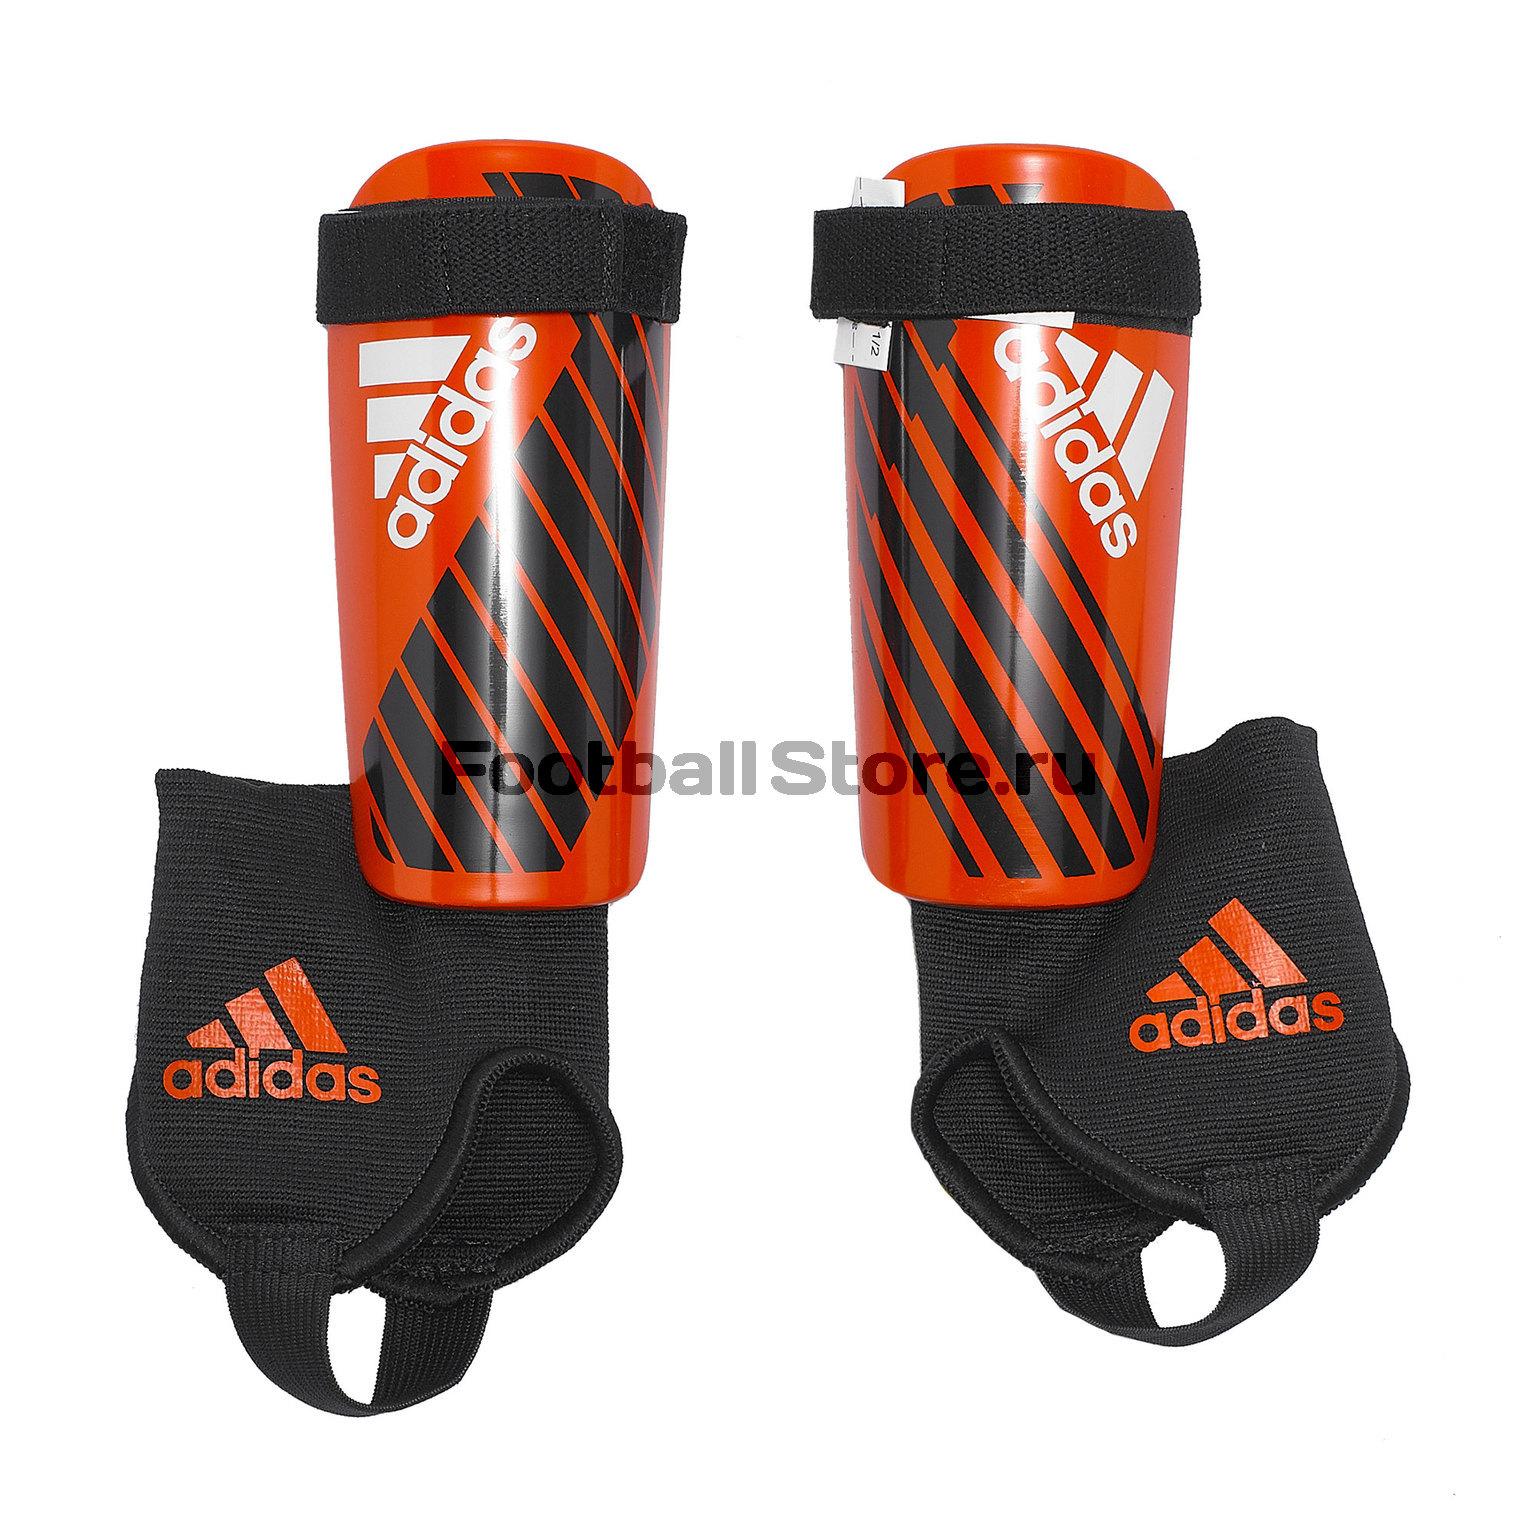 Щитки детские Adidas X Youth DN8618 щитки футбольные adidas x lesto dy2578 серебристый размер m